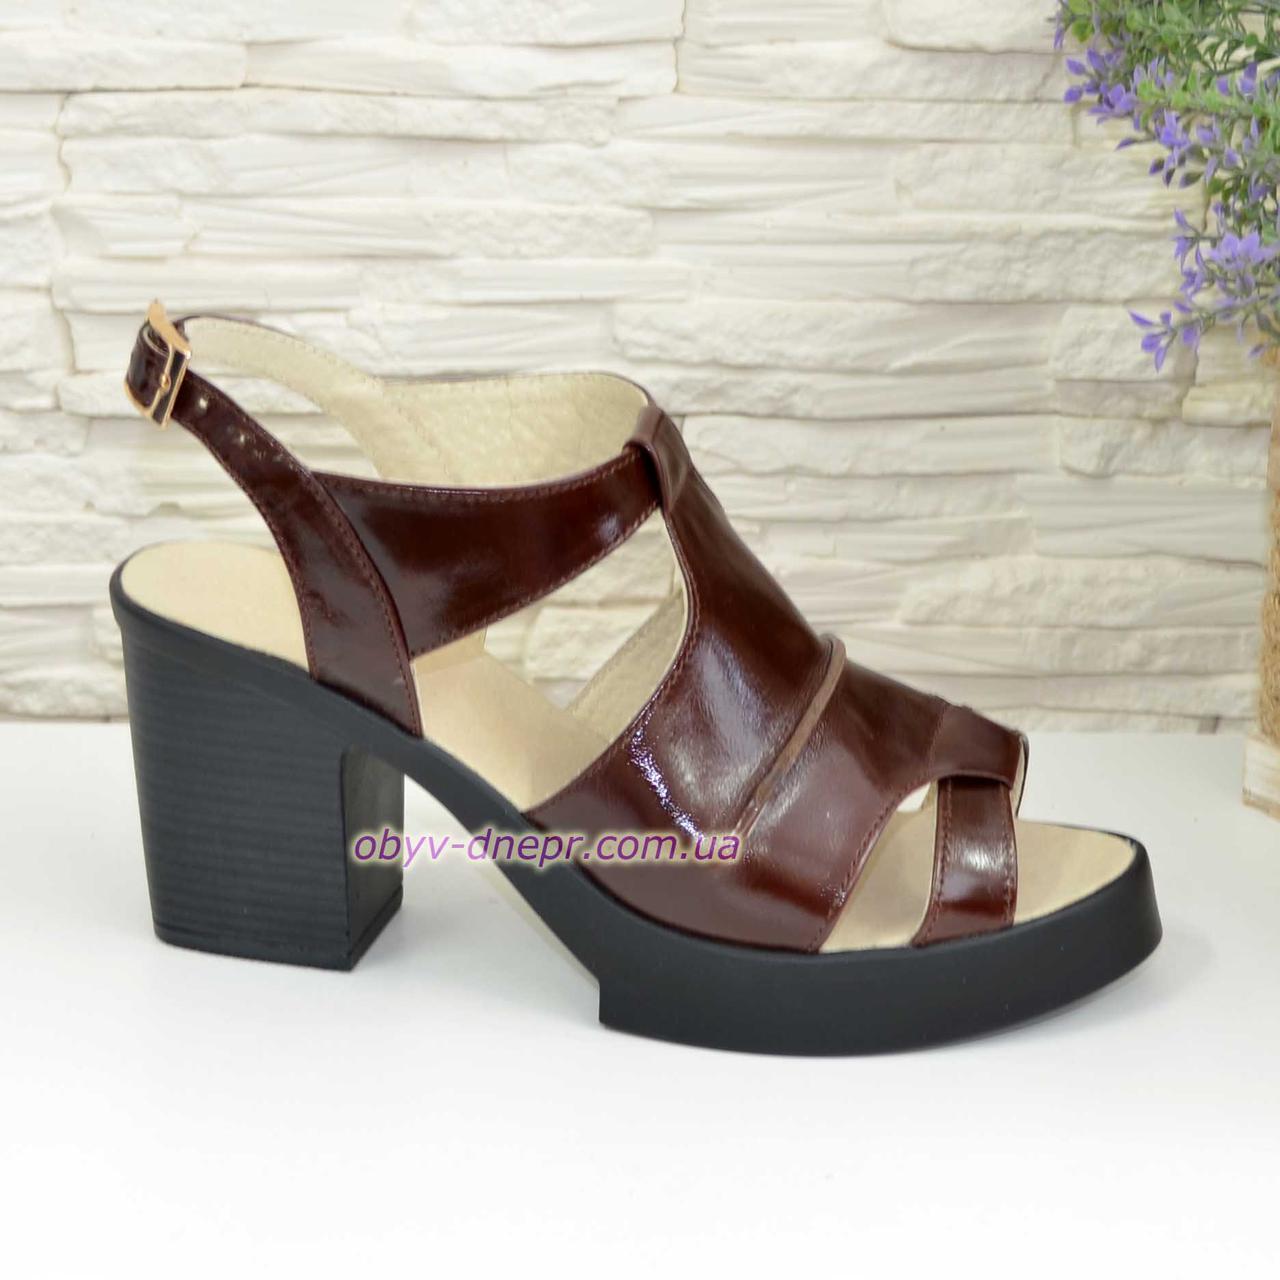 Кожаные  коричневые женские босоножки на широком устойчивом каблуке, фото 1